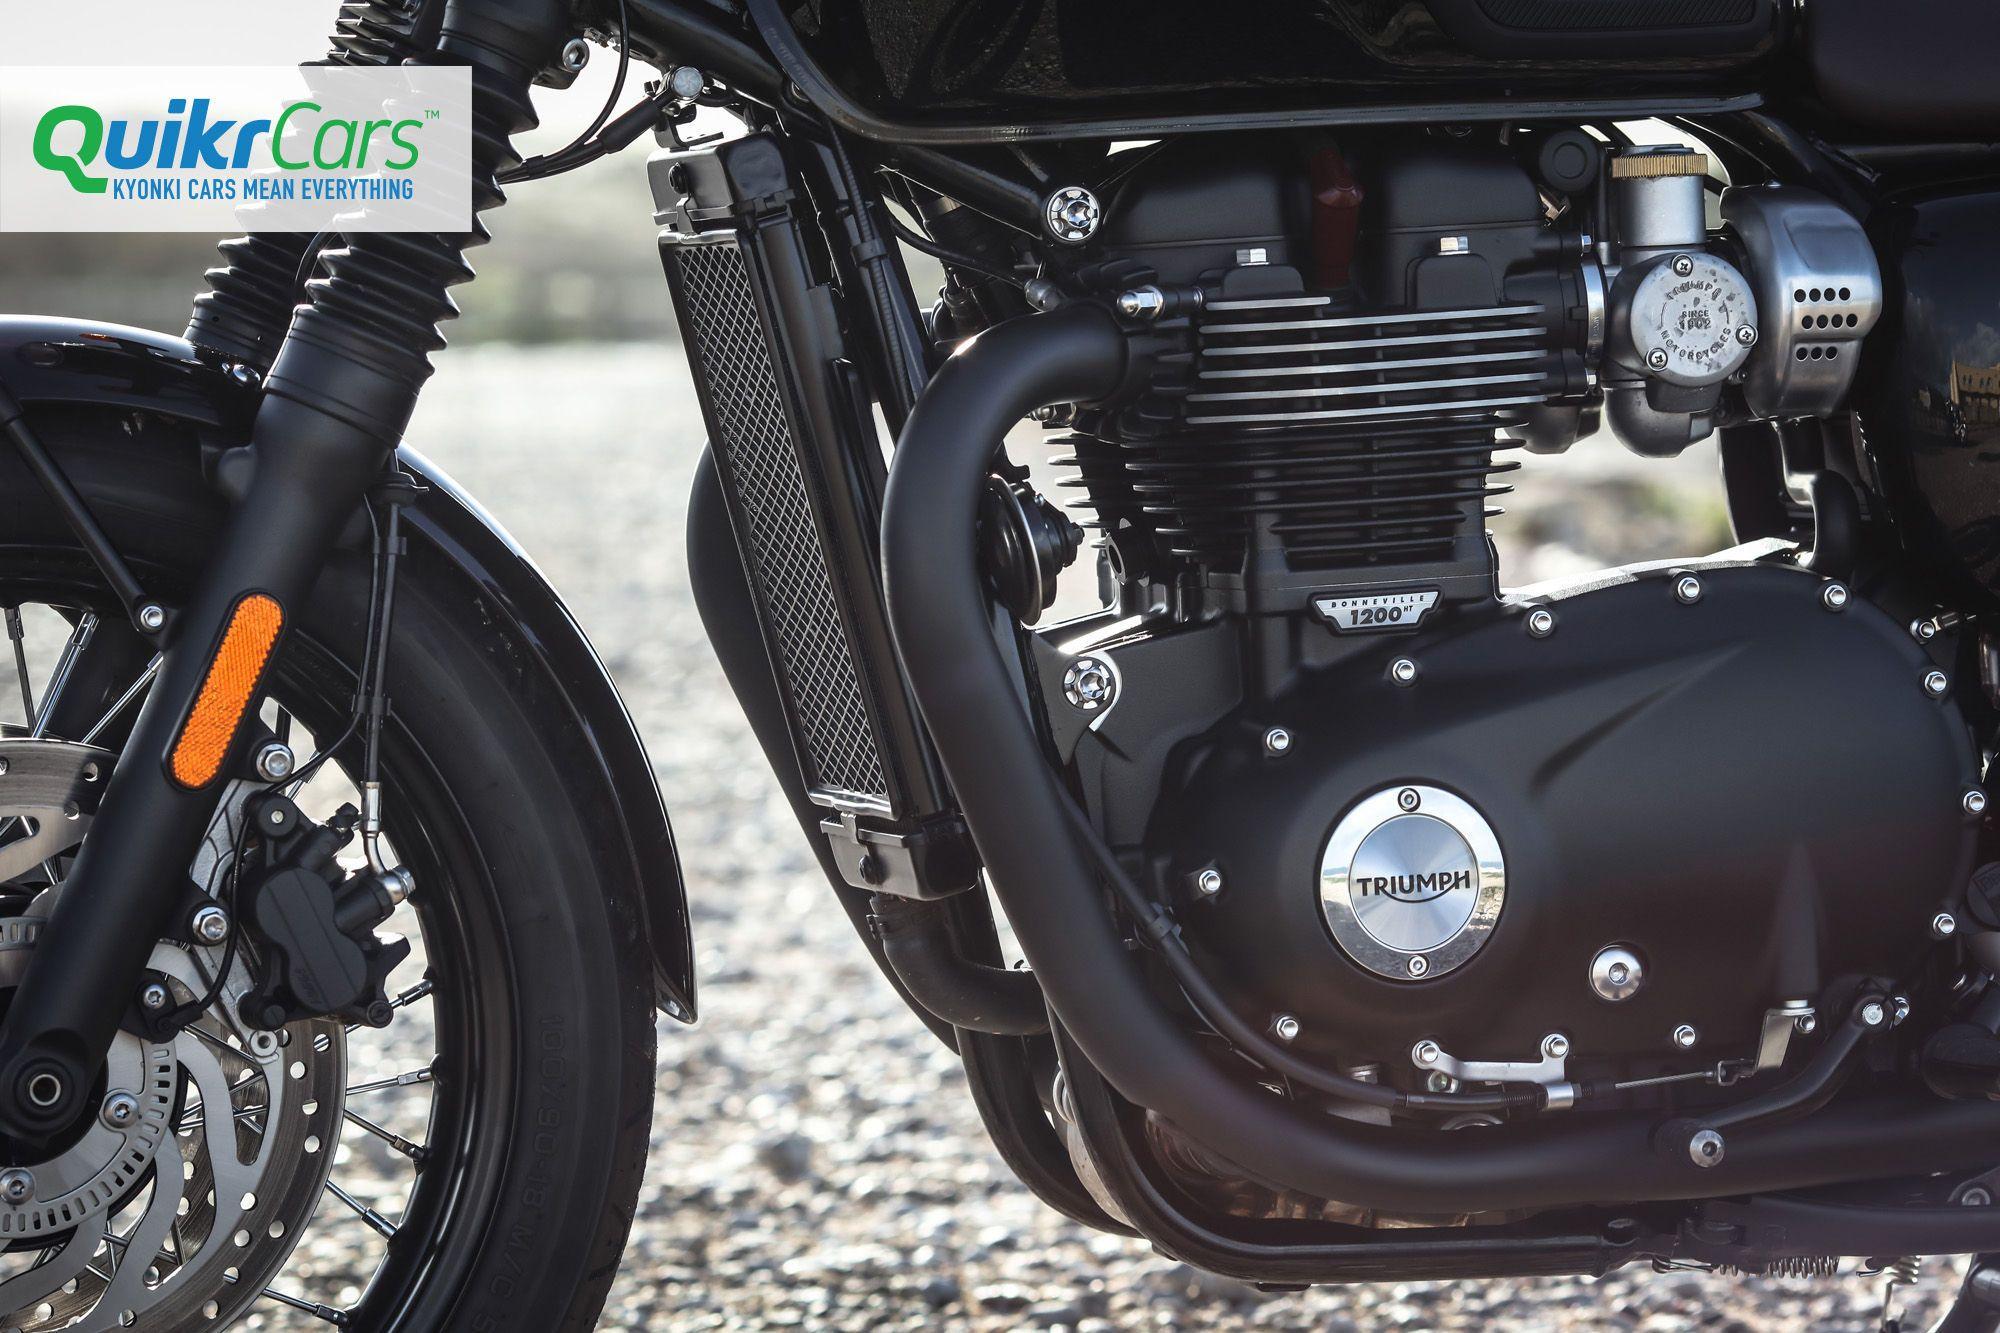 Triumph Bonneville T120 Review Test Ride